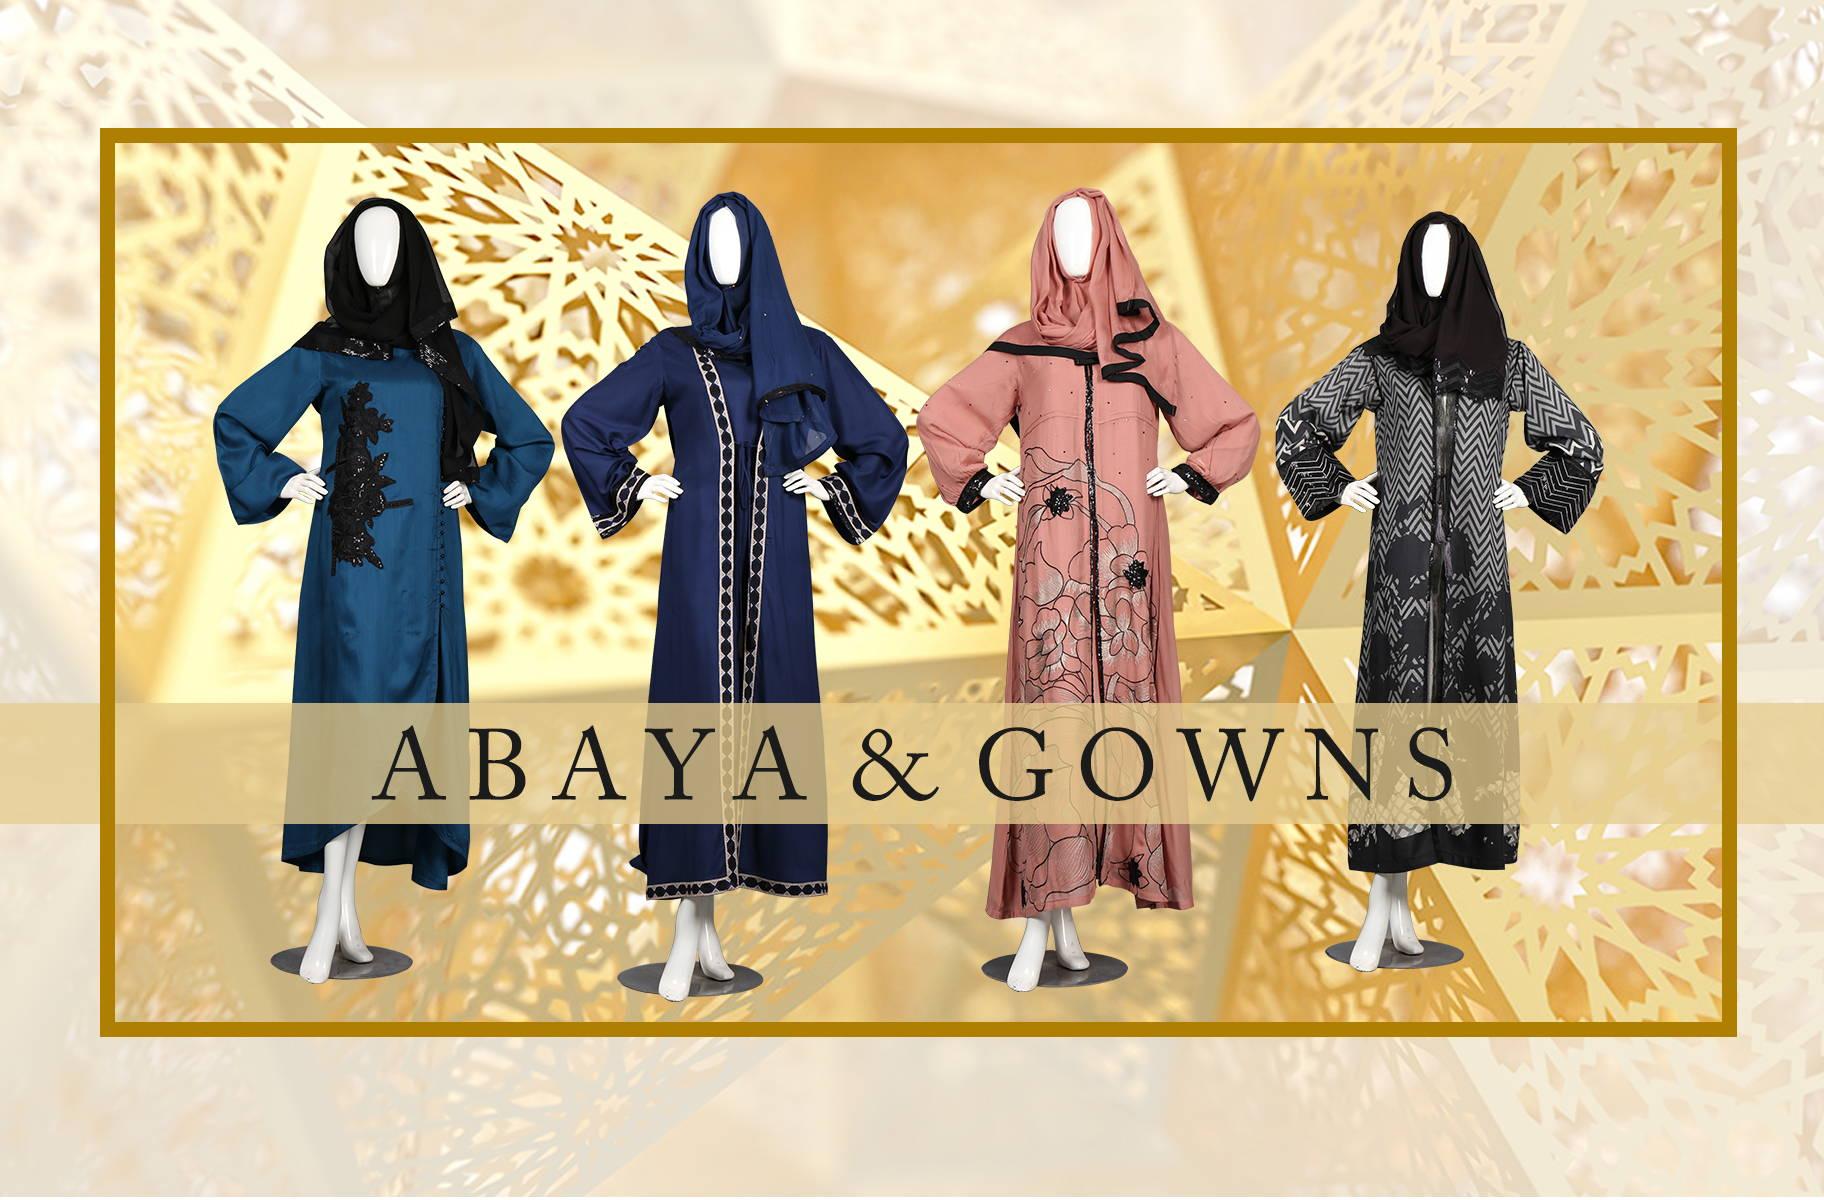 abaya, gowns, hijab fashion